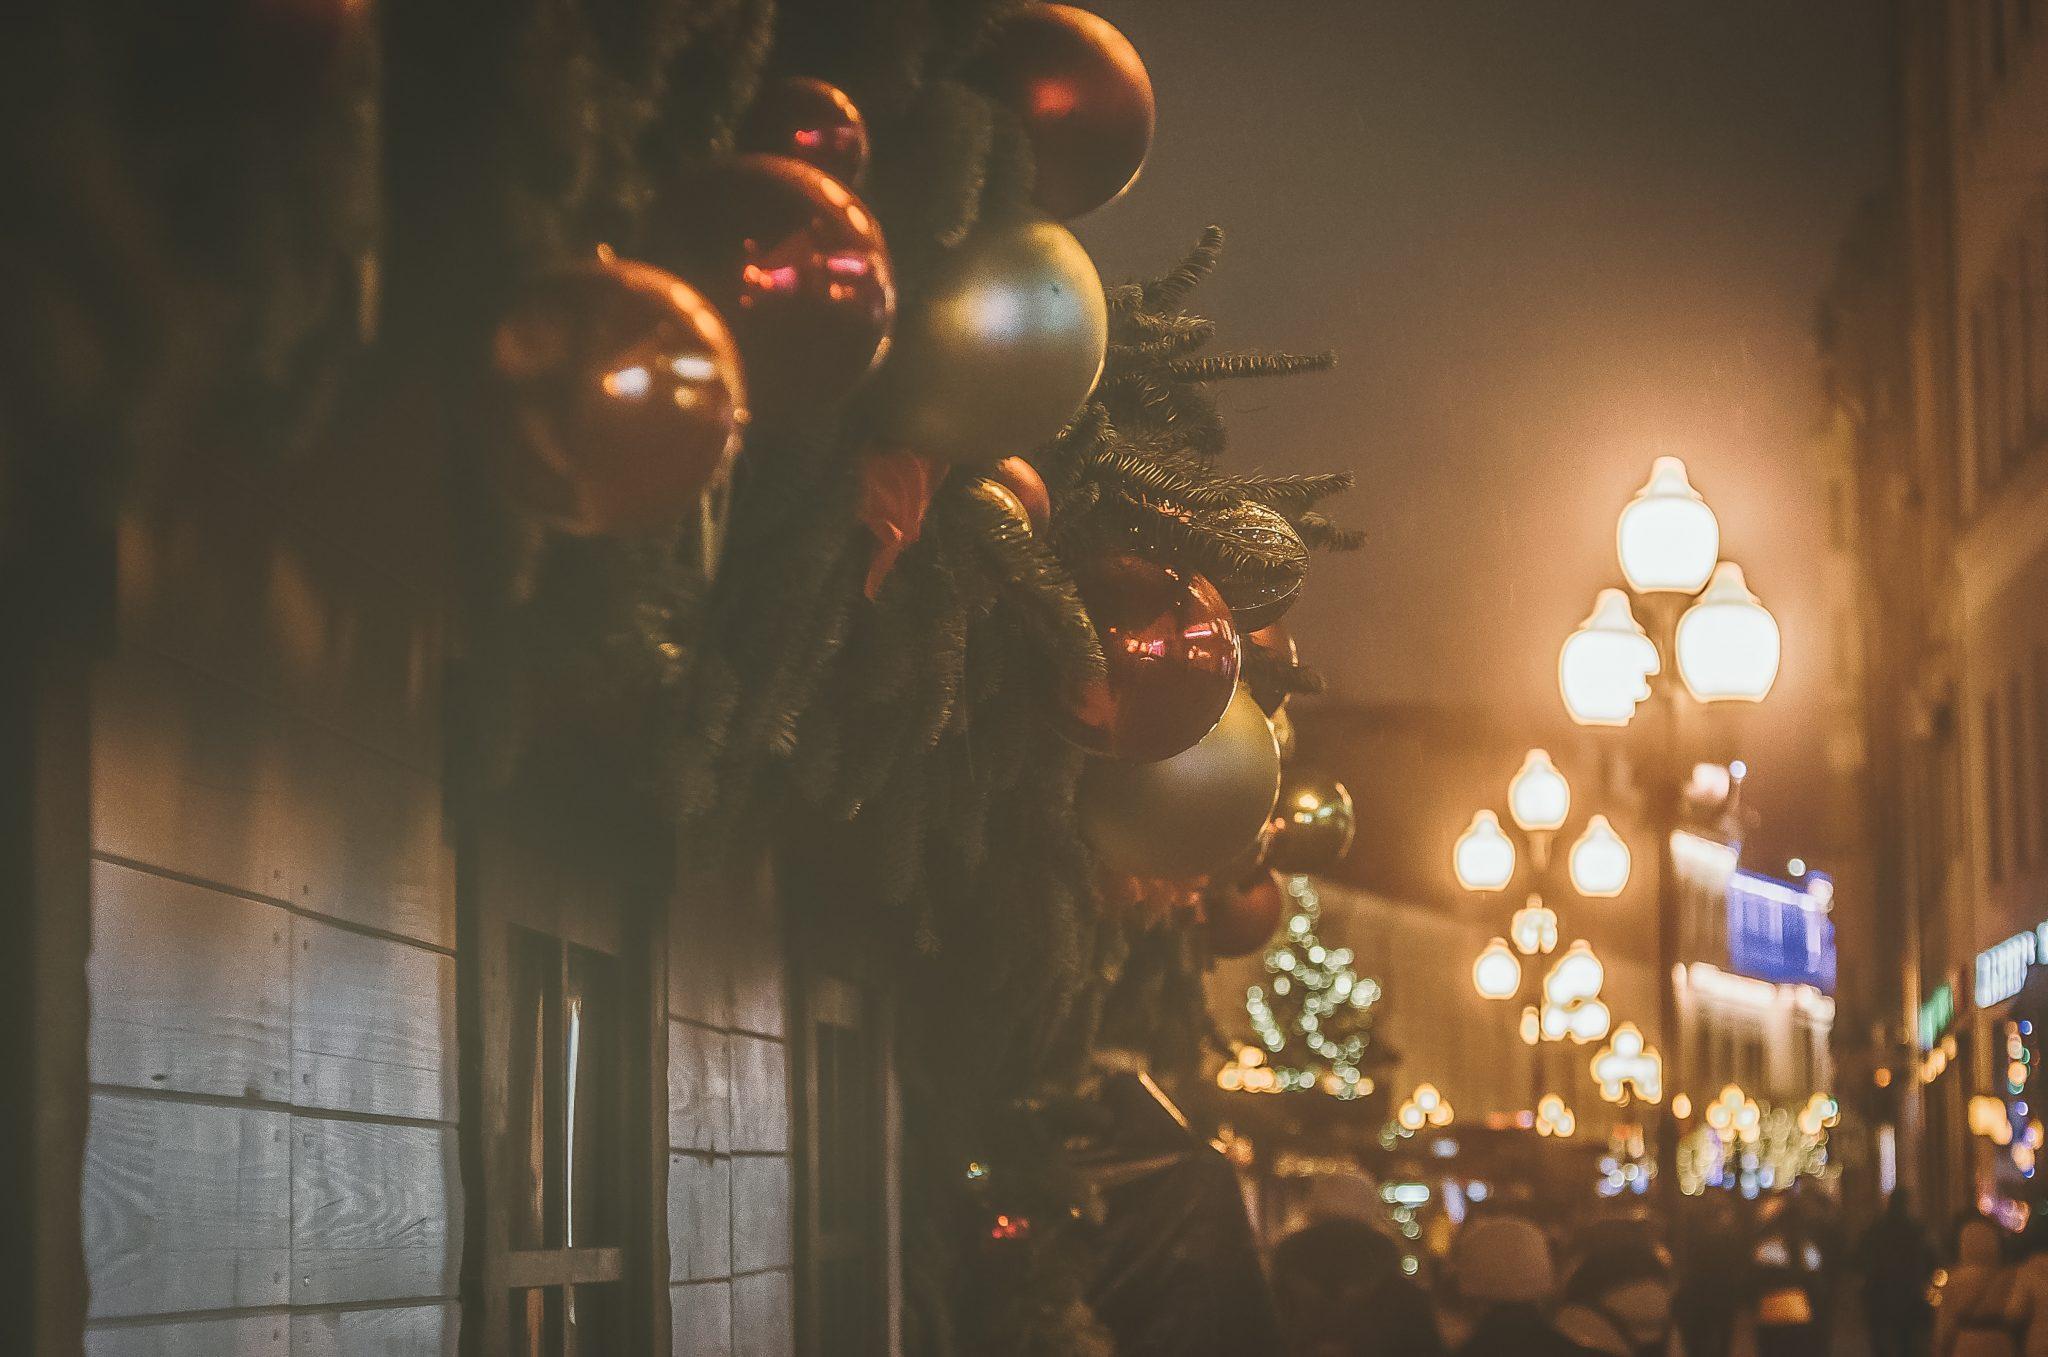 München Weihnachtsmarkt.Weihnachtsmarkt Alte Utting Mucbook